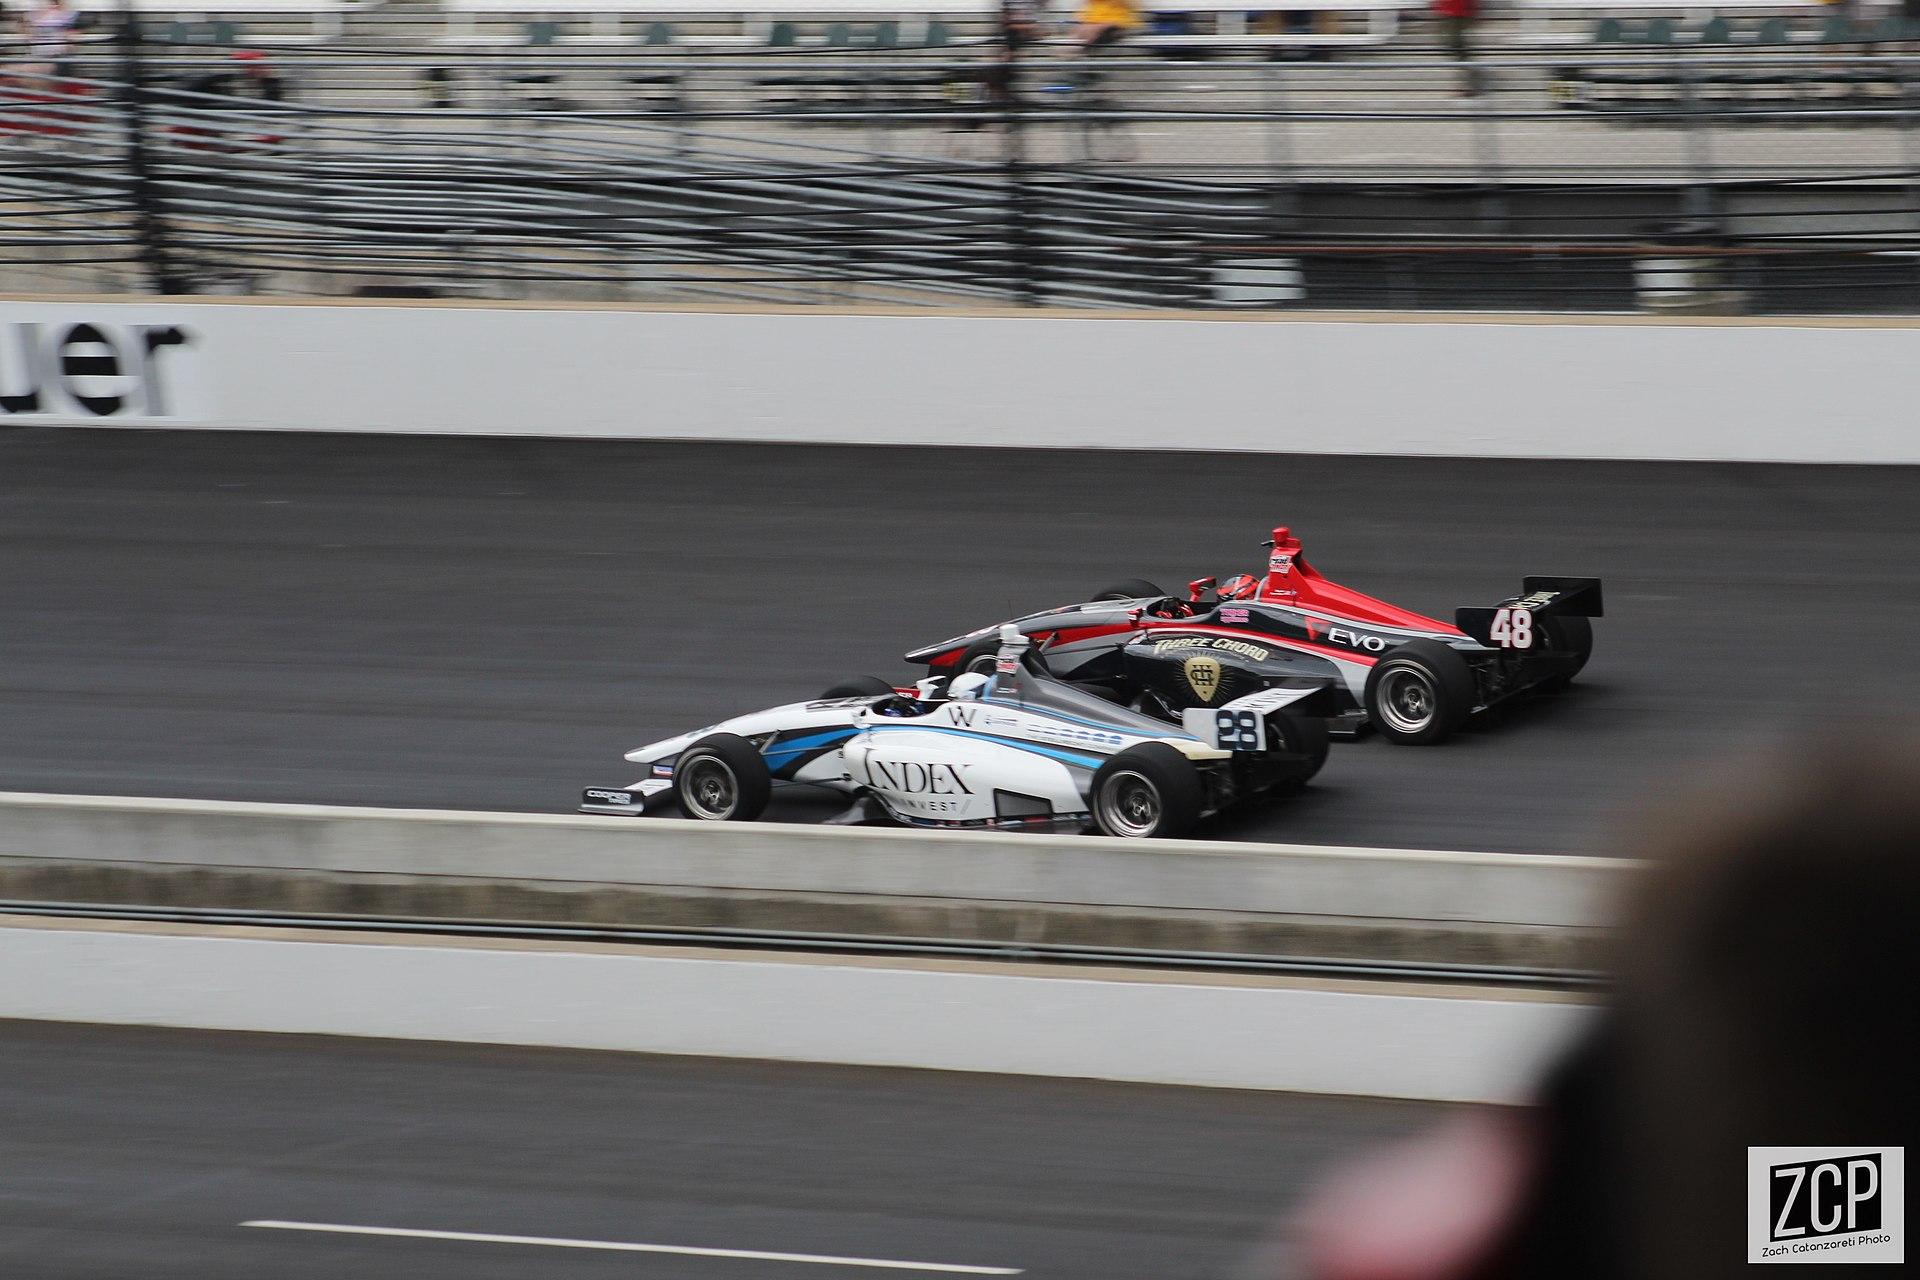 De Freedom 100 maakt deel uit van de Indy Lights klasse.